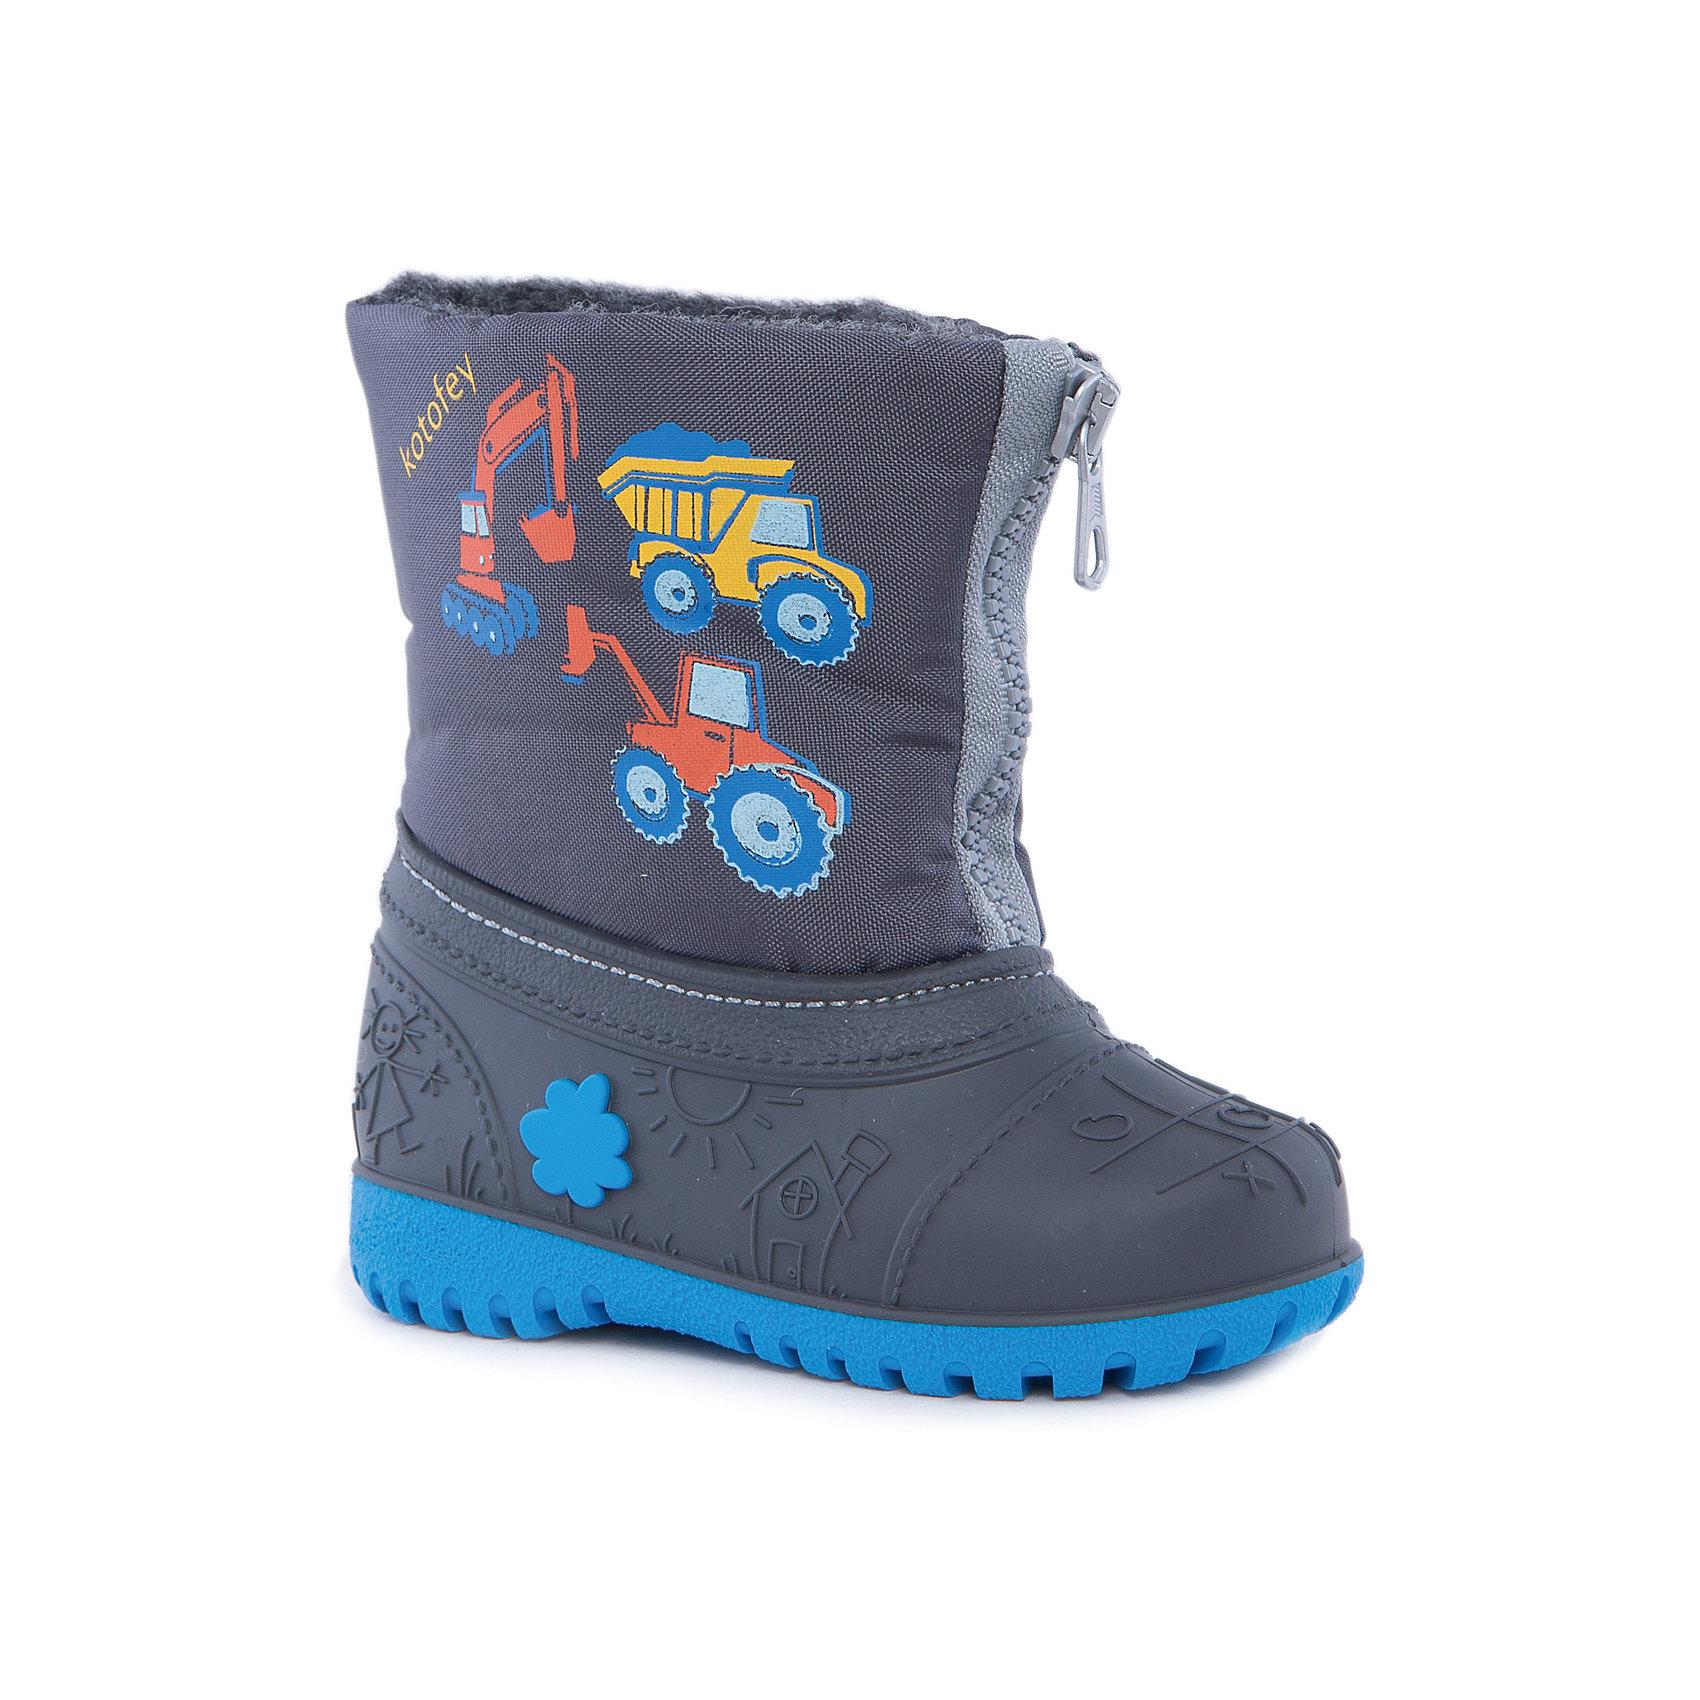 Сапоги для мальчика КотофейКотофей – качественная и стильная детская обувь по доступным ценам. С каждым днем популярность бренда растет.  При выборе обуви важно следить, чтобы модель была не только красивой и удобной, то и теплой, а так же защищала ножки малыша от промокания. Сочетание резиновых сапог и теплых зимних ботинок создало уникальную модель из новой коллекции.<br><br>Дополнительная информация:<br><br>цвет: серый;<br>вид крепления: прошивной;<br>застежка: шнуровка с креплением;<br>температурный режим: от -15 °С до +5° С.<br><br>Состав:<br>материал верха – комбинированный;<br>подкладка – мех шерстяной;<br>подошва – мегол.<br><br>Зимние сапожки из прочных и качественных материалов для мальчика ясельного возраста от фирмы Котофей можно приобрести у нас в магазине.<br><br>Ширина мм: 257<br>Глубина мм: 180<br>Высота мм: 130<br>Вес г: 420<br>Цвет: серый<br>Возраст от месяцев: 24<br>Возраст до месяцев: 36<br>Пол: Мужской<br>Возраст: Детский<br>Размер: 25/26,23/24,21/22<br>SKU: 4982349